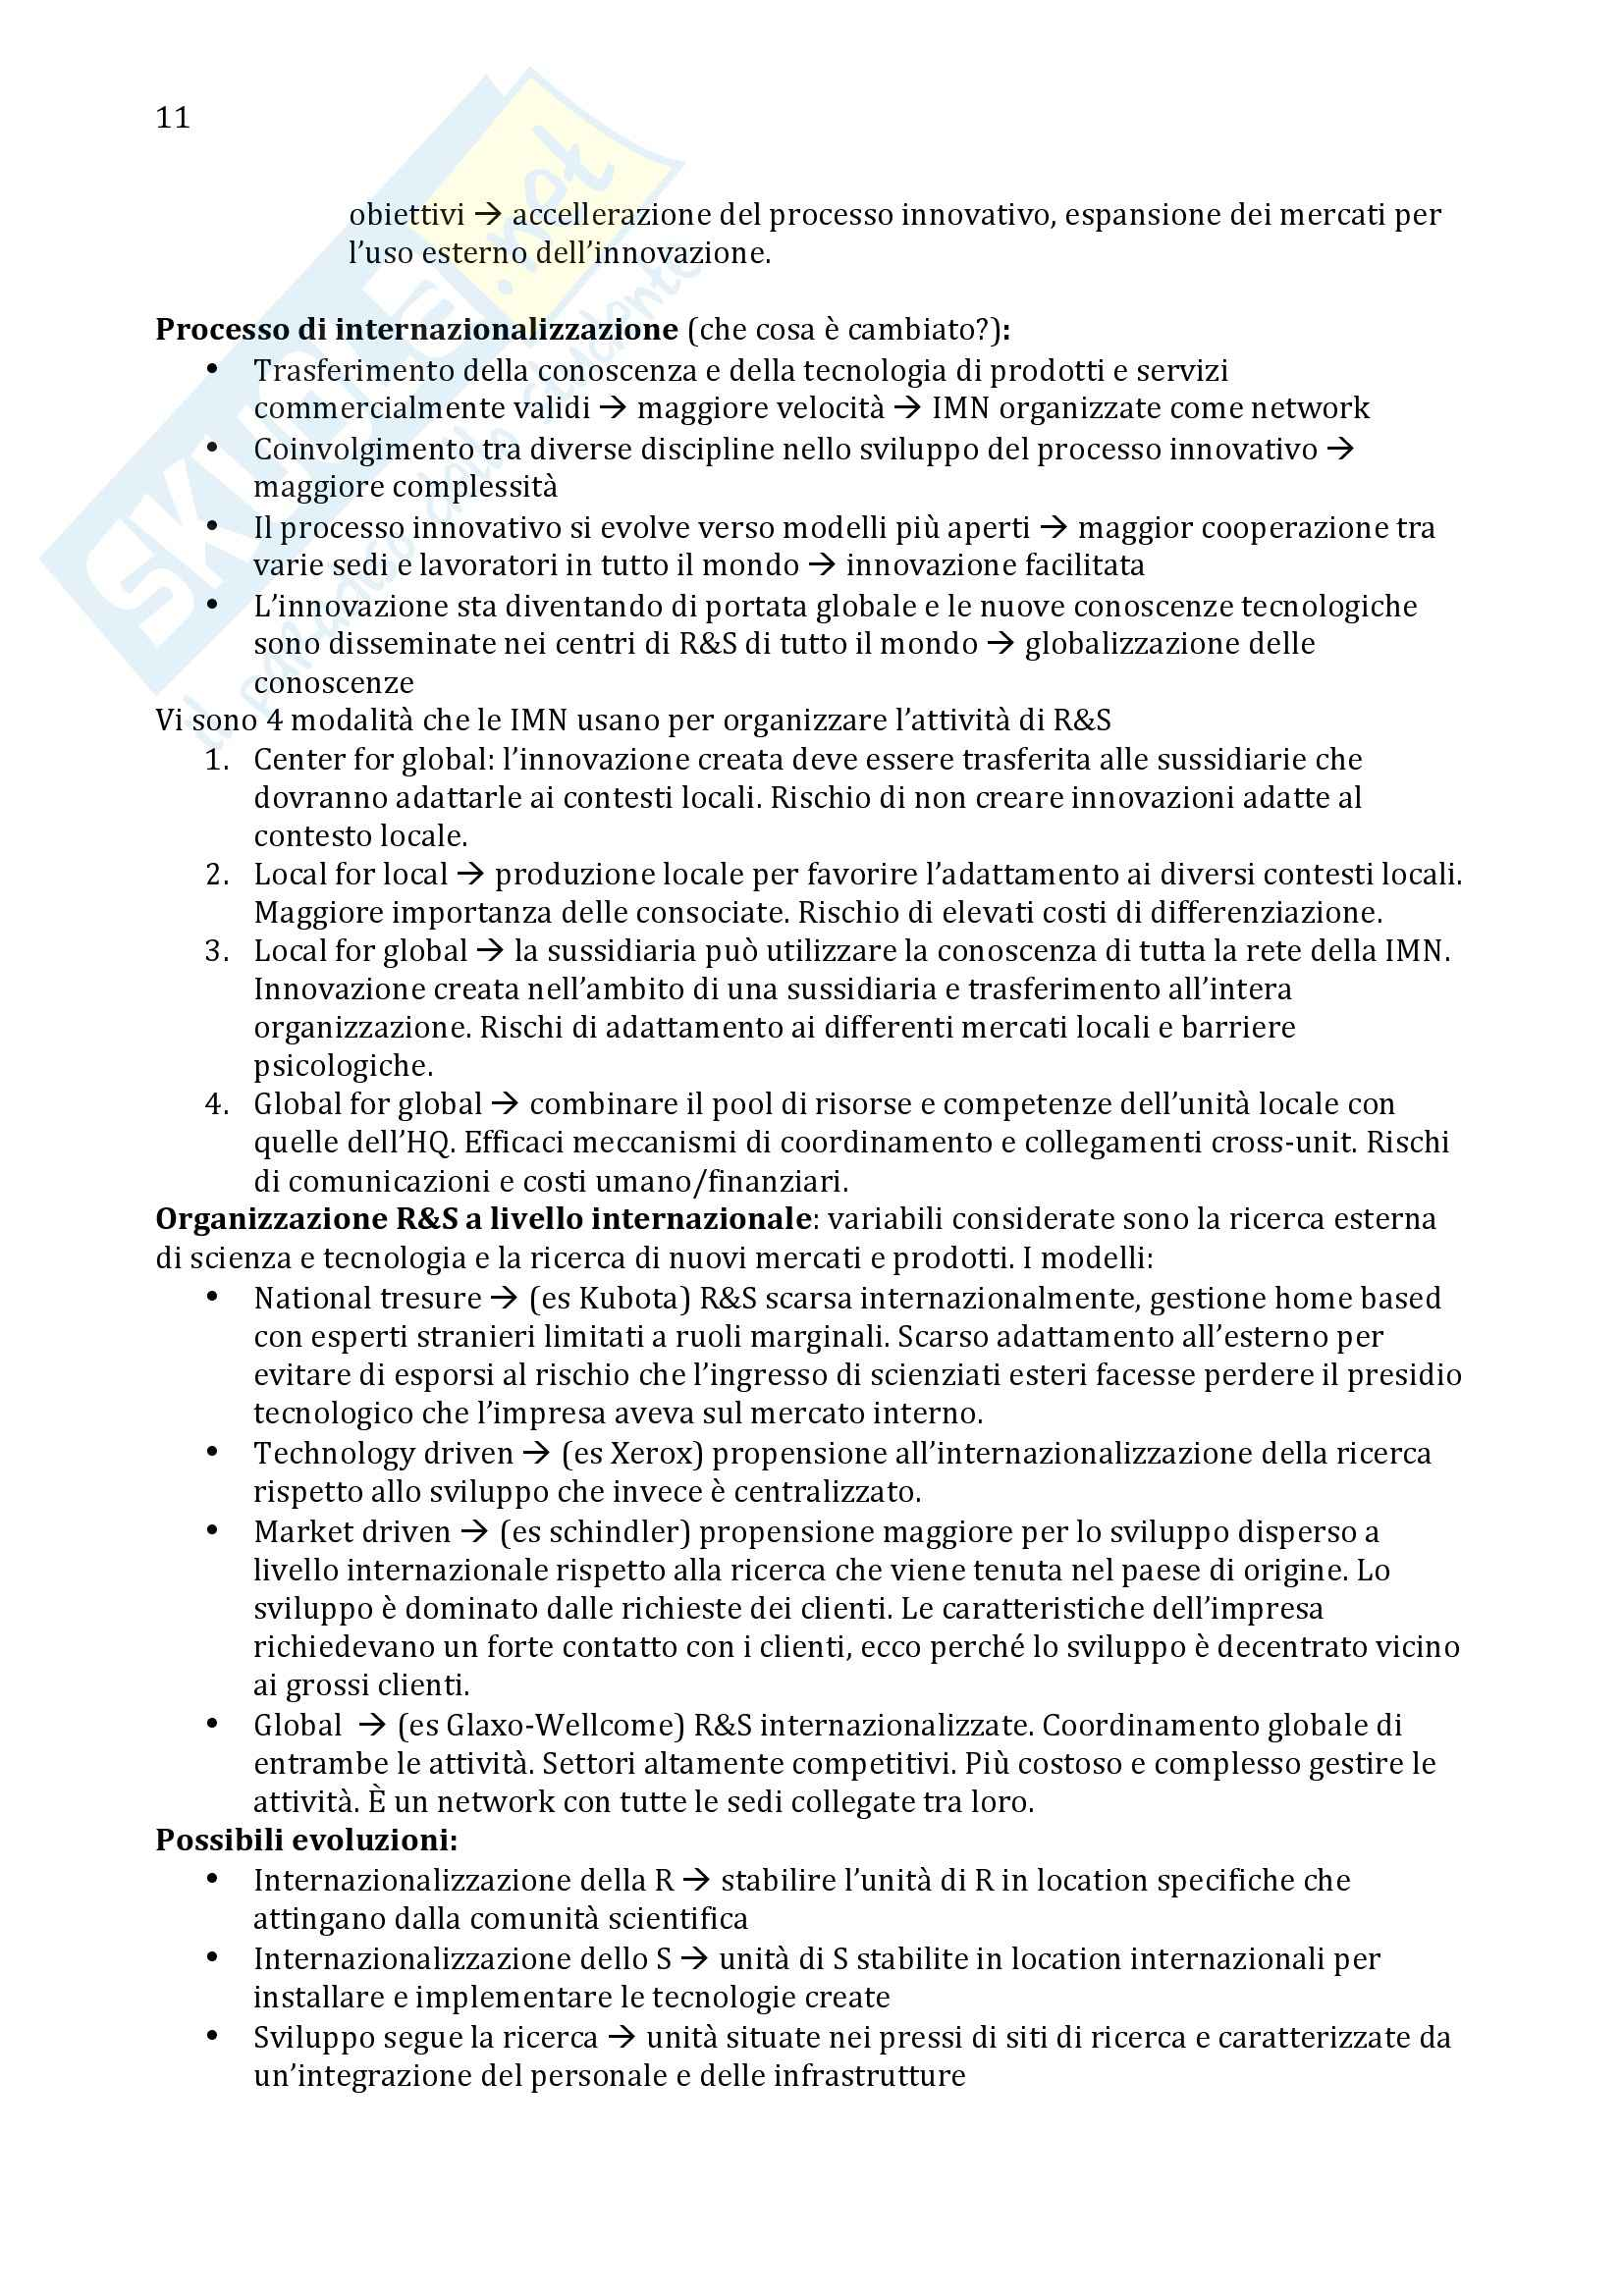 Economia e gestione dell'innovazione - Appunti Pag. 11